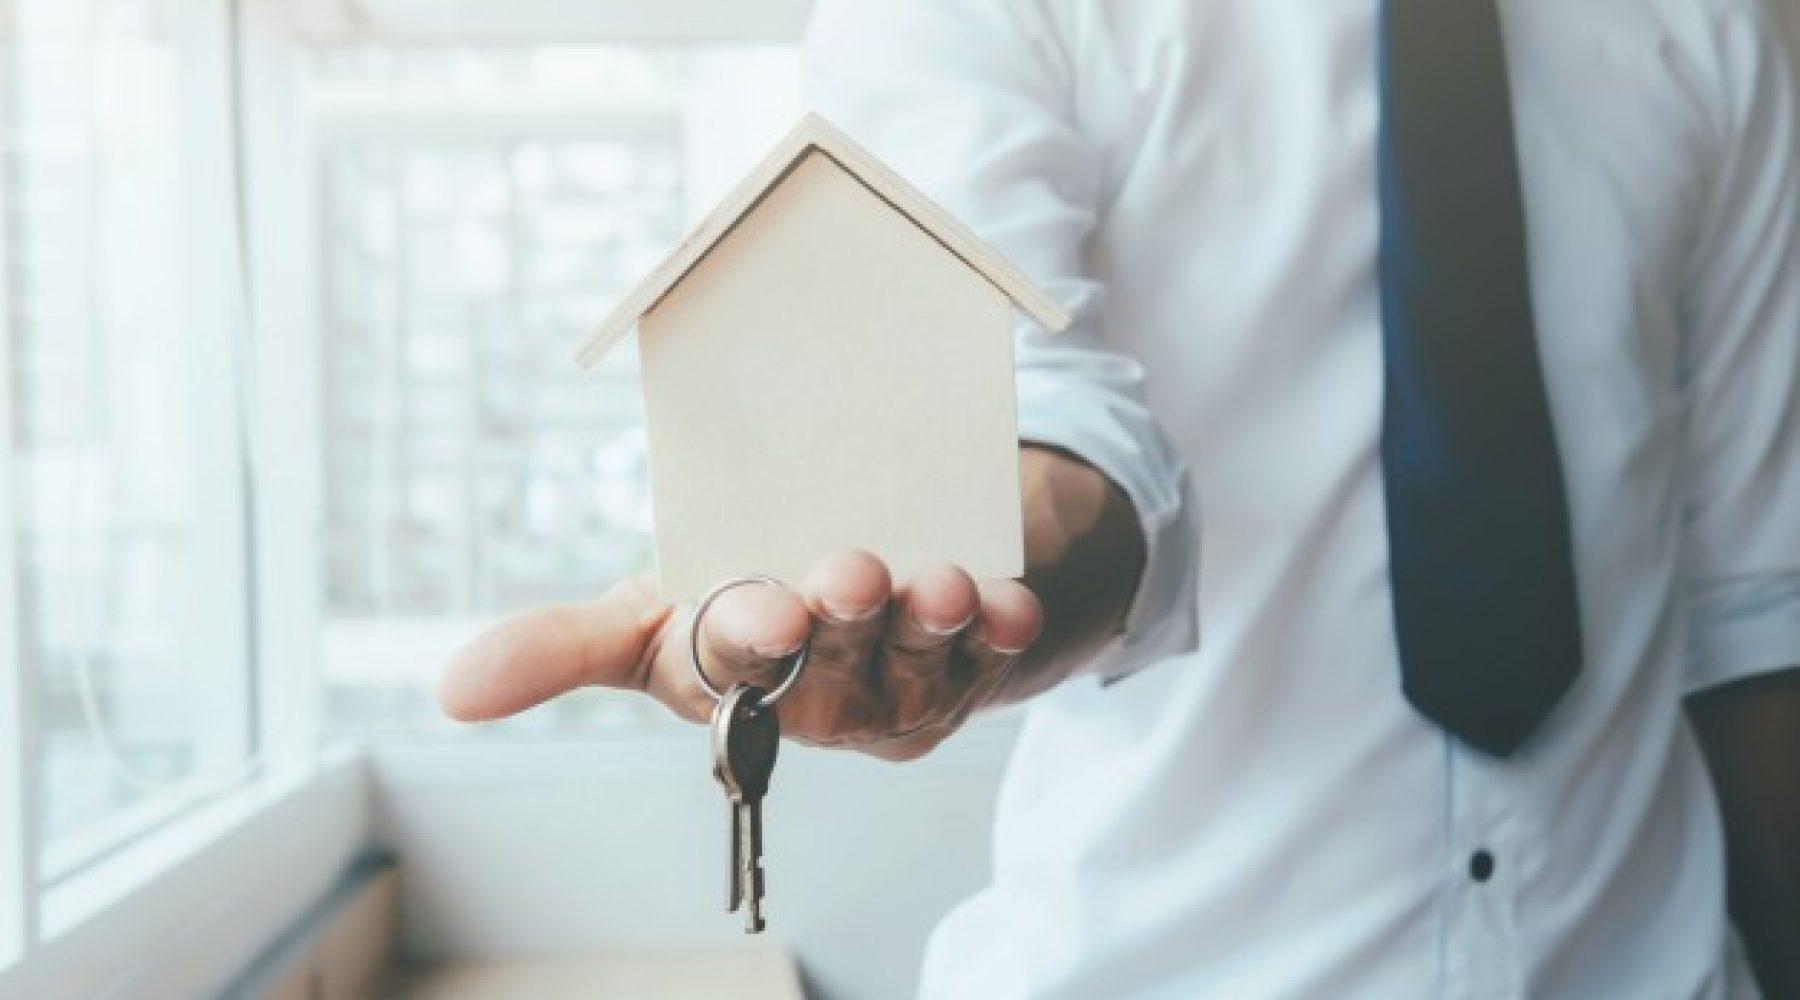 vendre maison 2